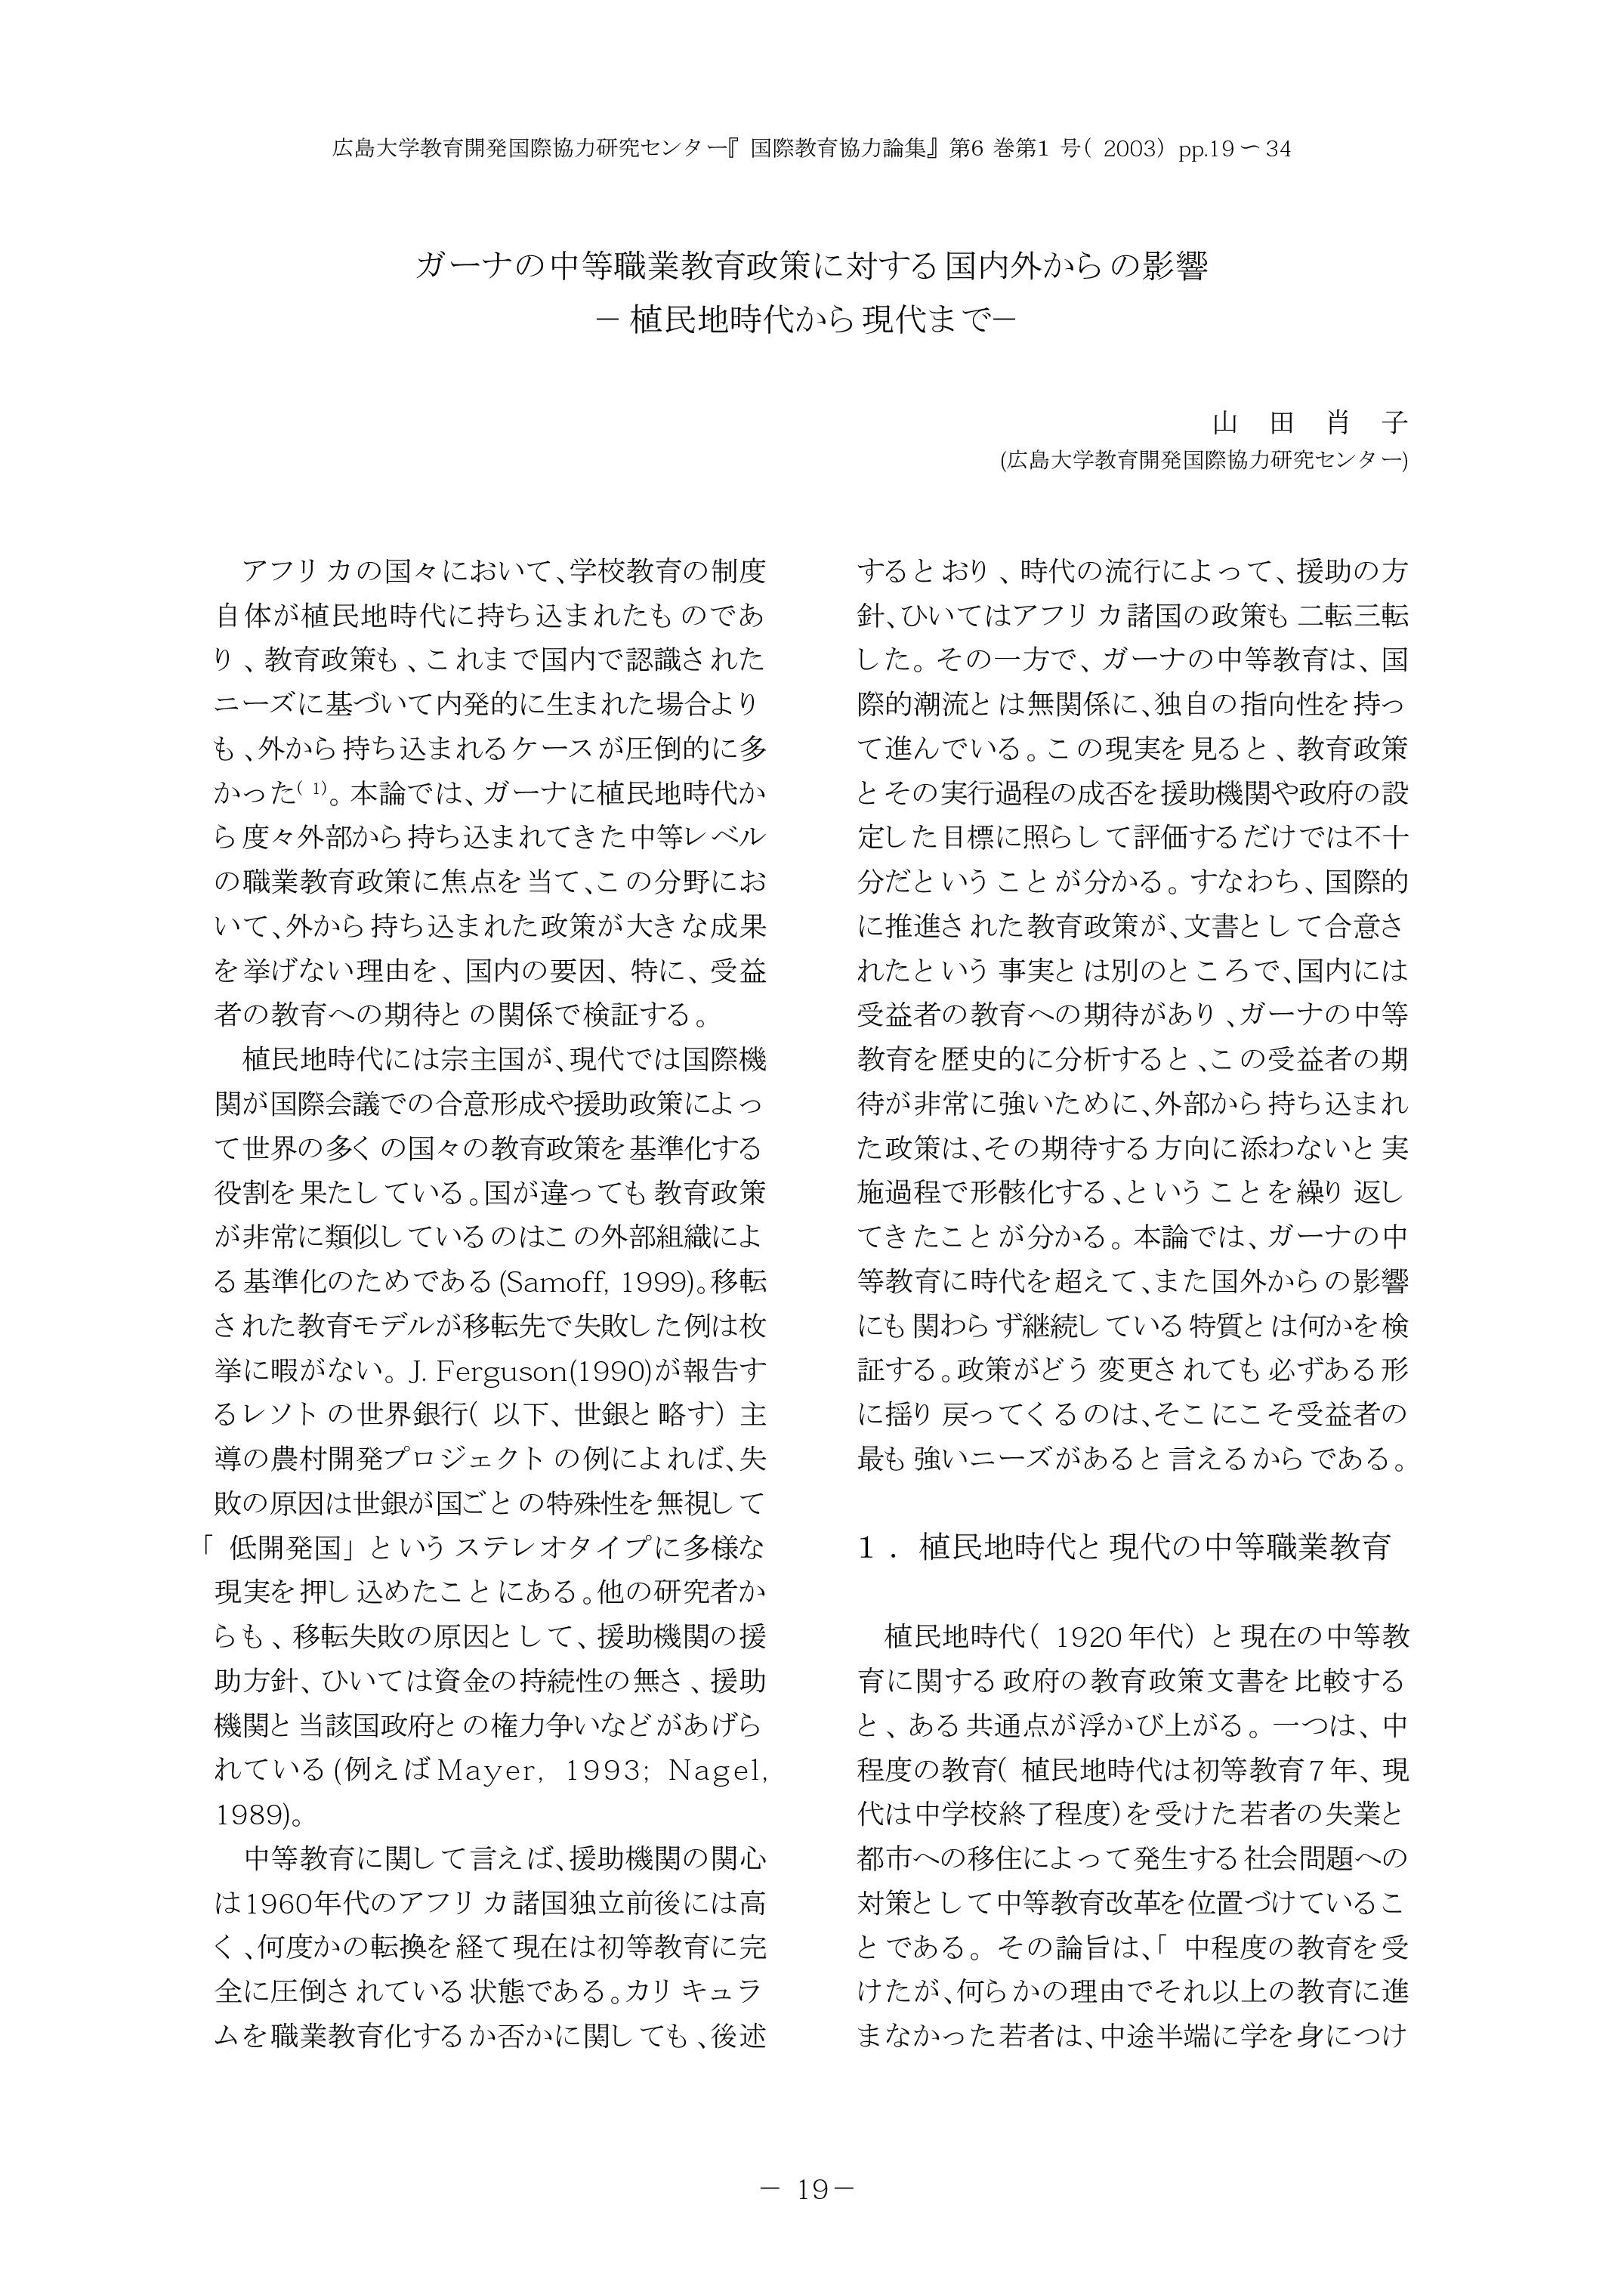 「ガーナの中等職業教育政策に対する国内外からの影響-植民地時代から現代まで-」  『国際教育協力論集』6巻1号. pp. 19-34. 広島大学